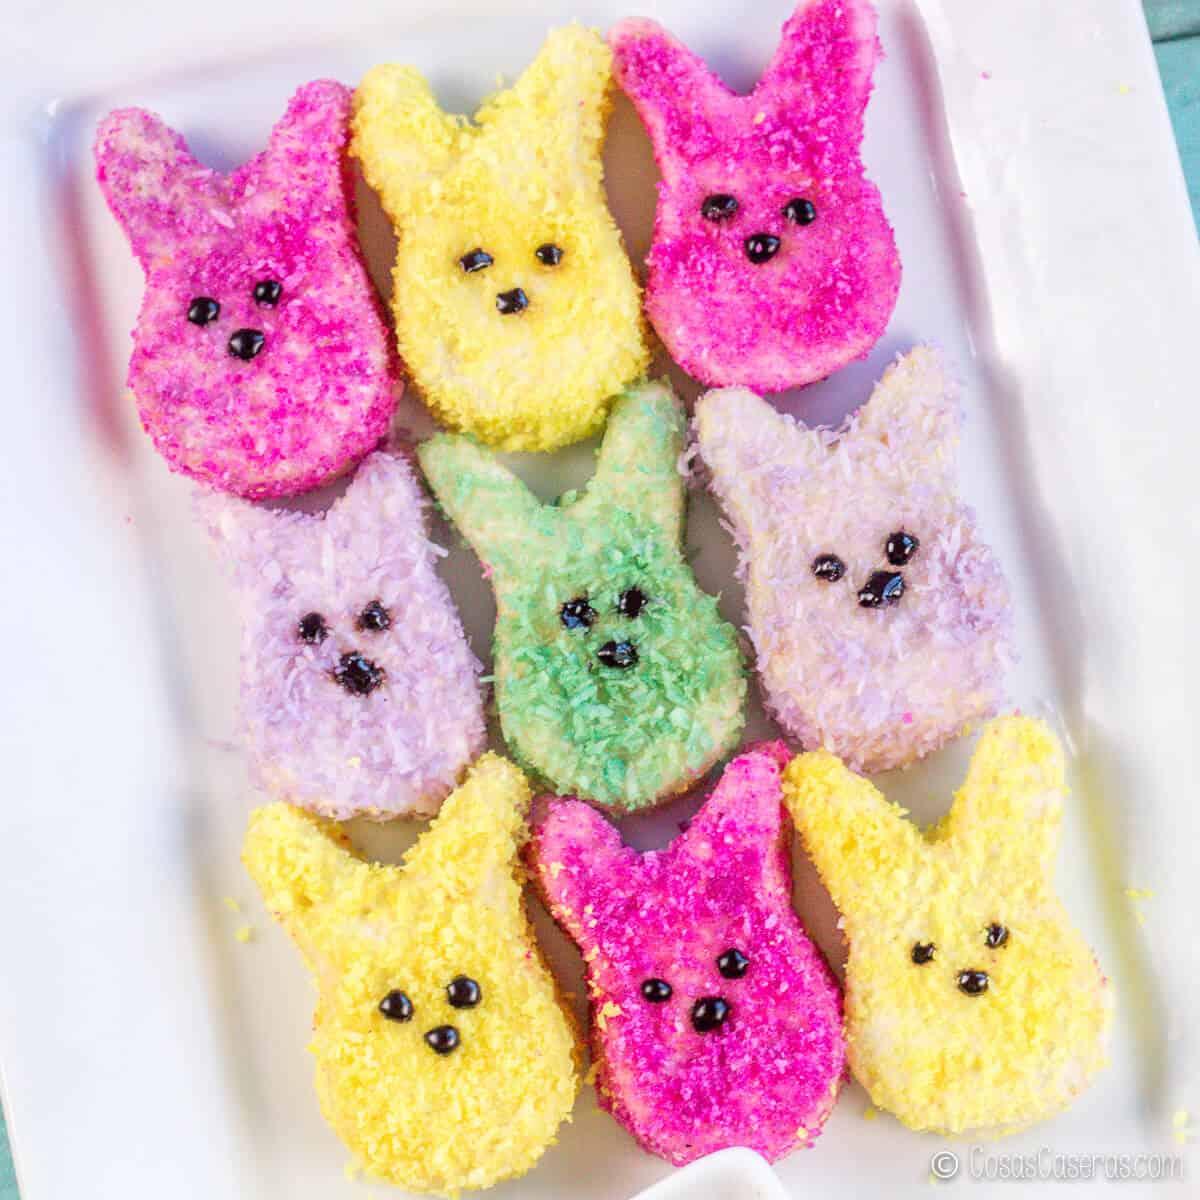 masmelos caseros decorados con azúcar de colores naturales